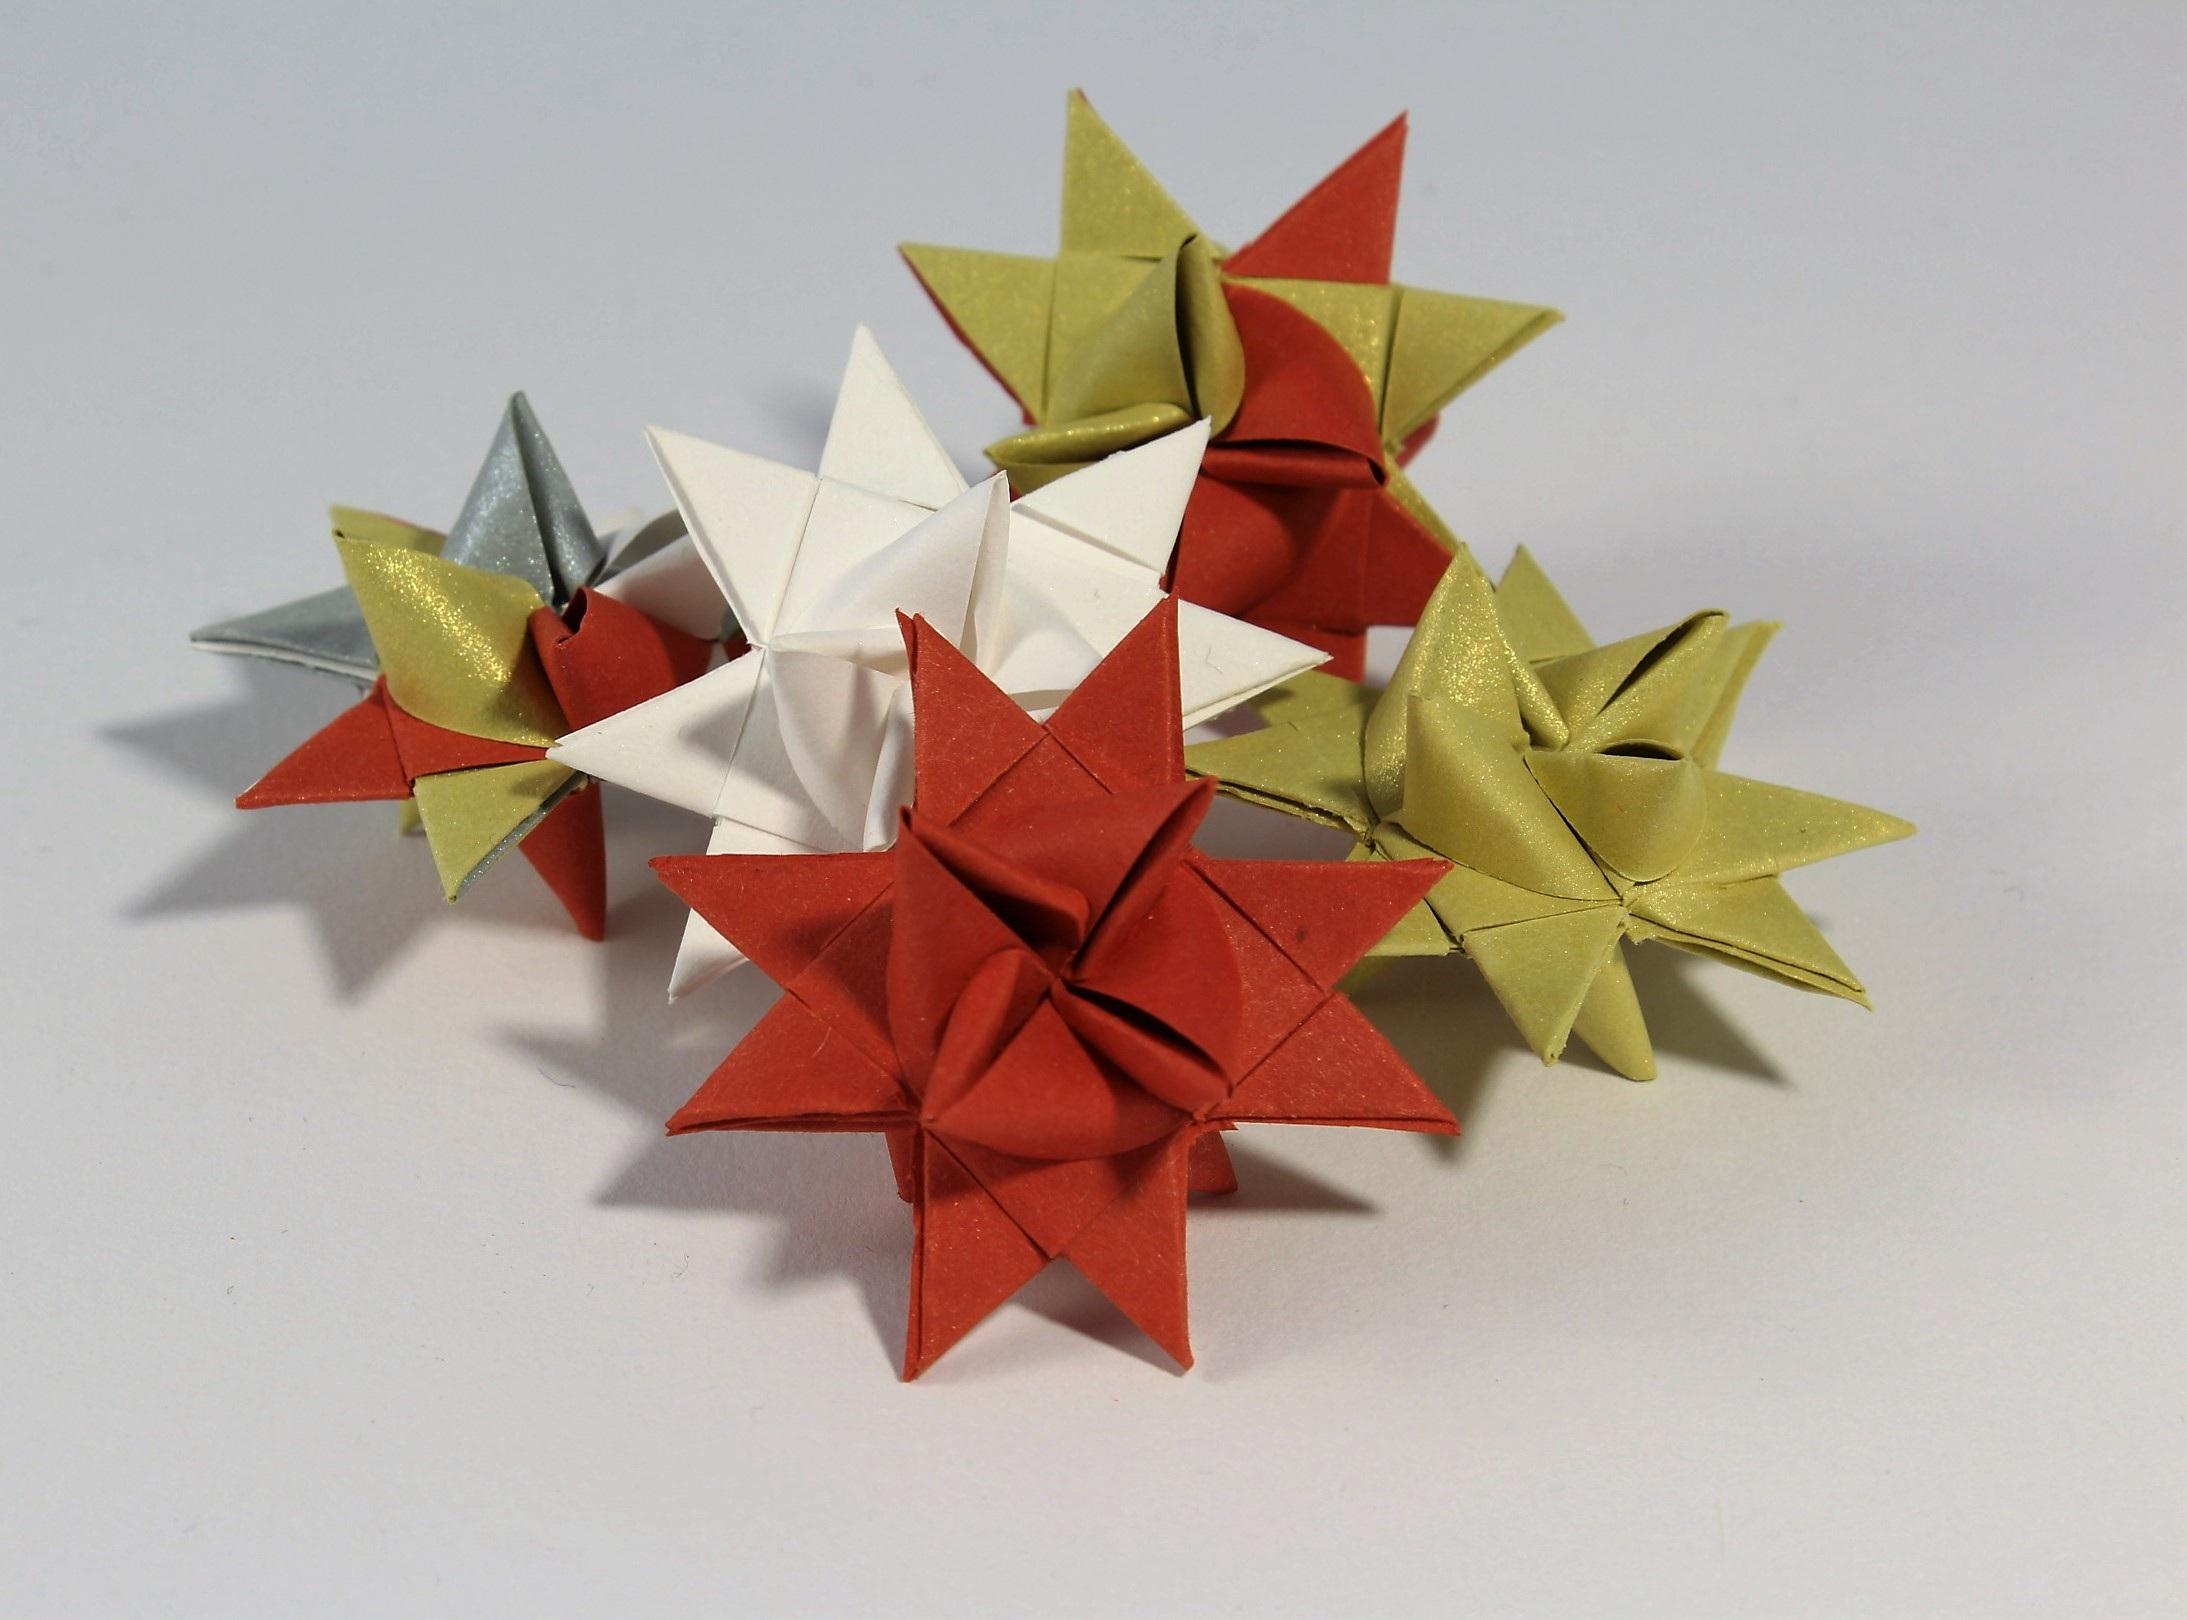 estrella rojo arte vistoso navidad papel decoracin navidea oro plata simetra doblez poinsettia origami atmosfrico papel